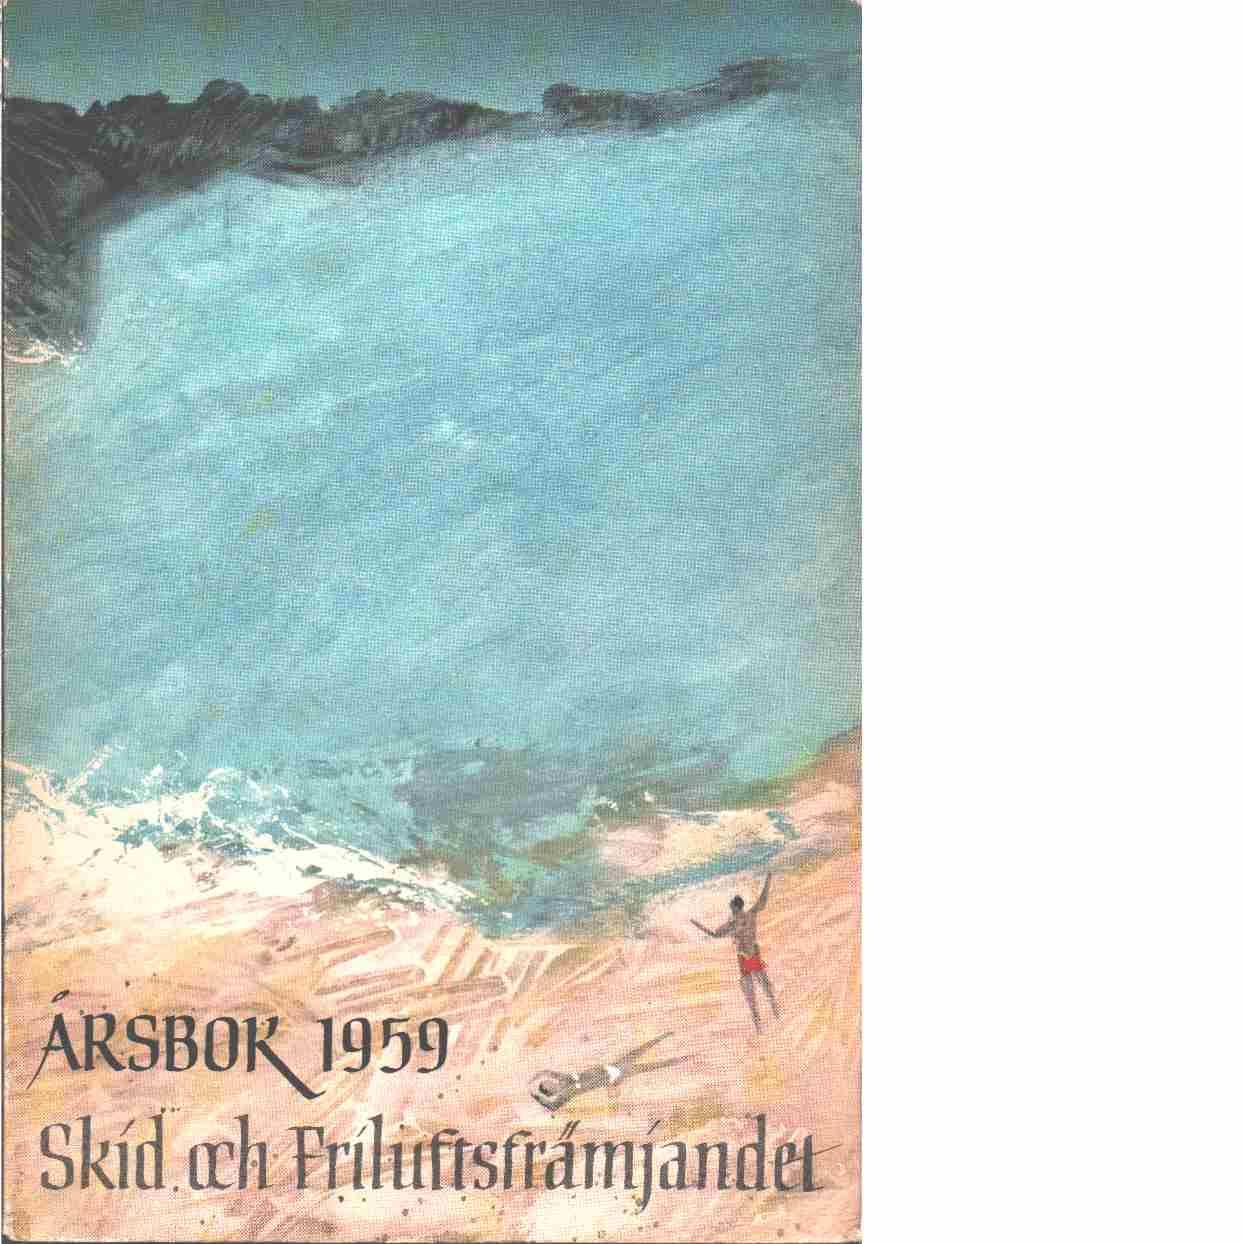 På skidor : Skid- och friluftsfrämjandets årsbok. Årsbok 1959 - Skid- och friluftsfrämjandet